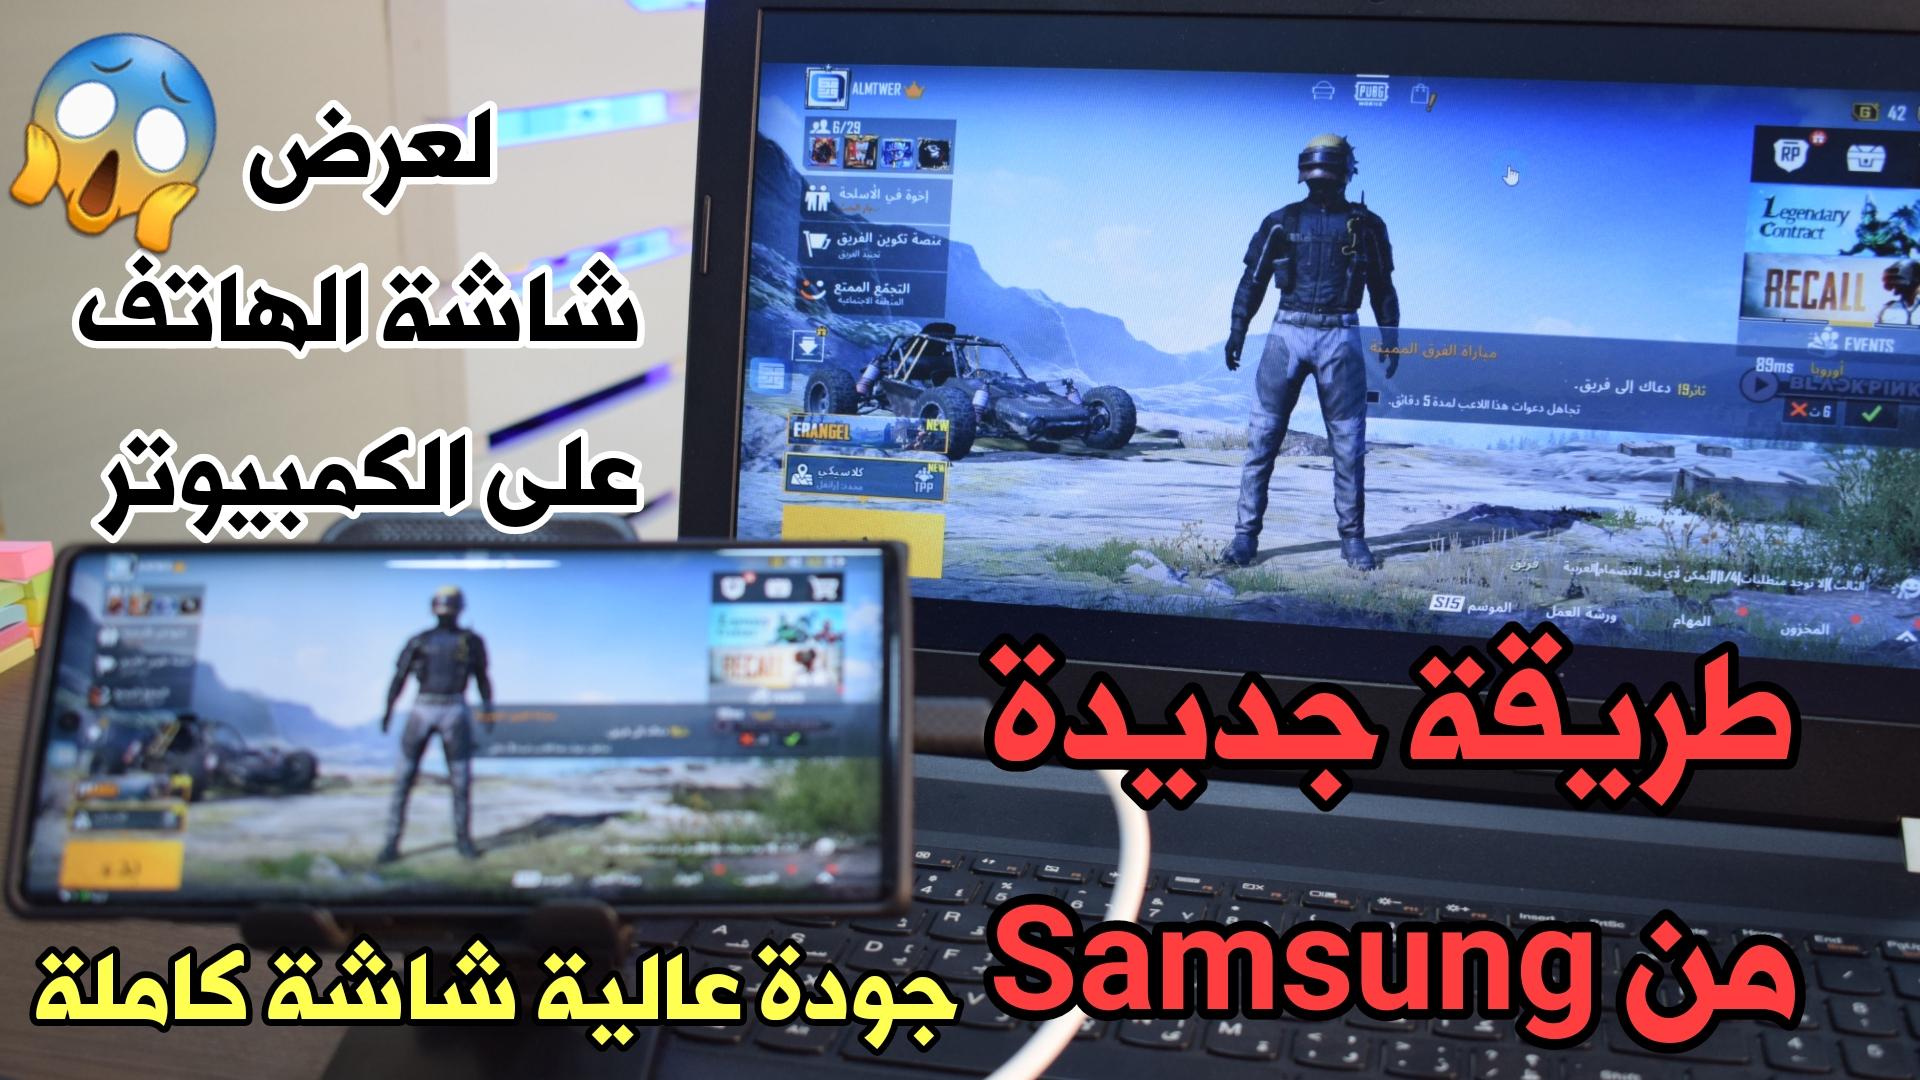 طريقة جديدة من Samsung عرض شاشة الهاتف على الكمبيوتر والتحكم بها وبجودة عالية والشاشة كاملة